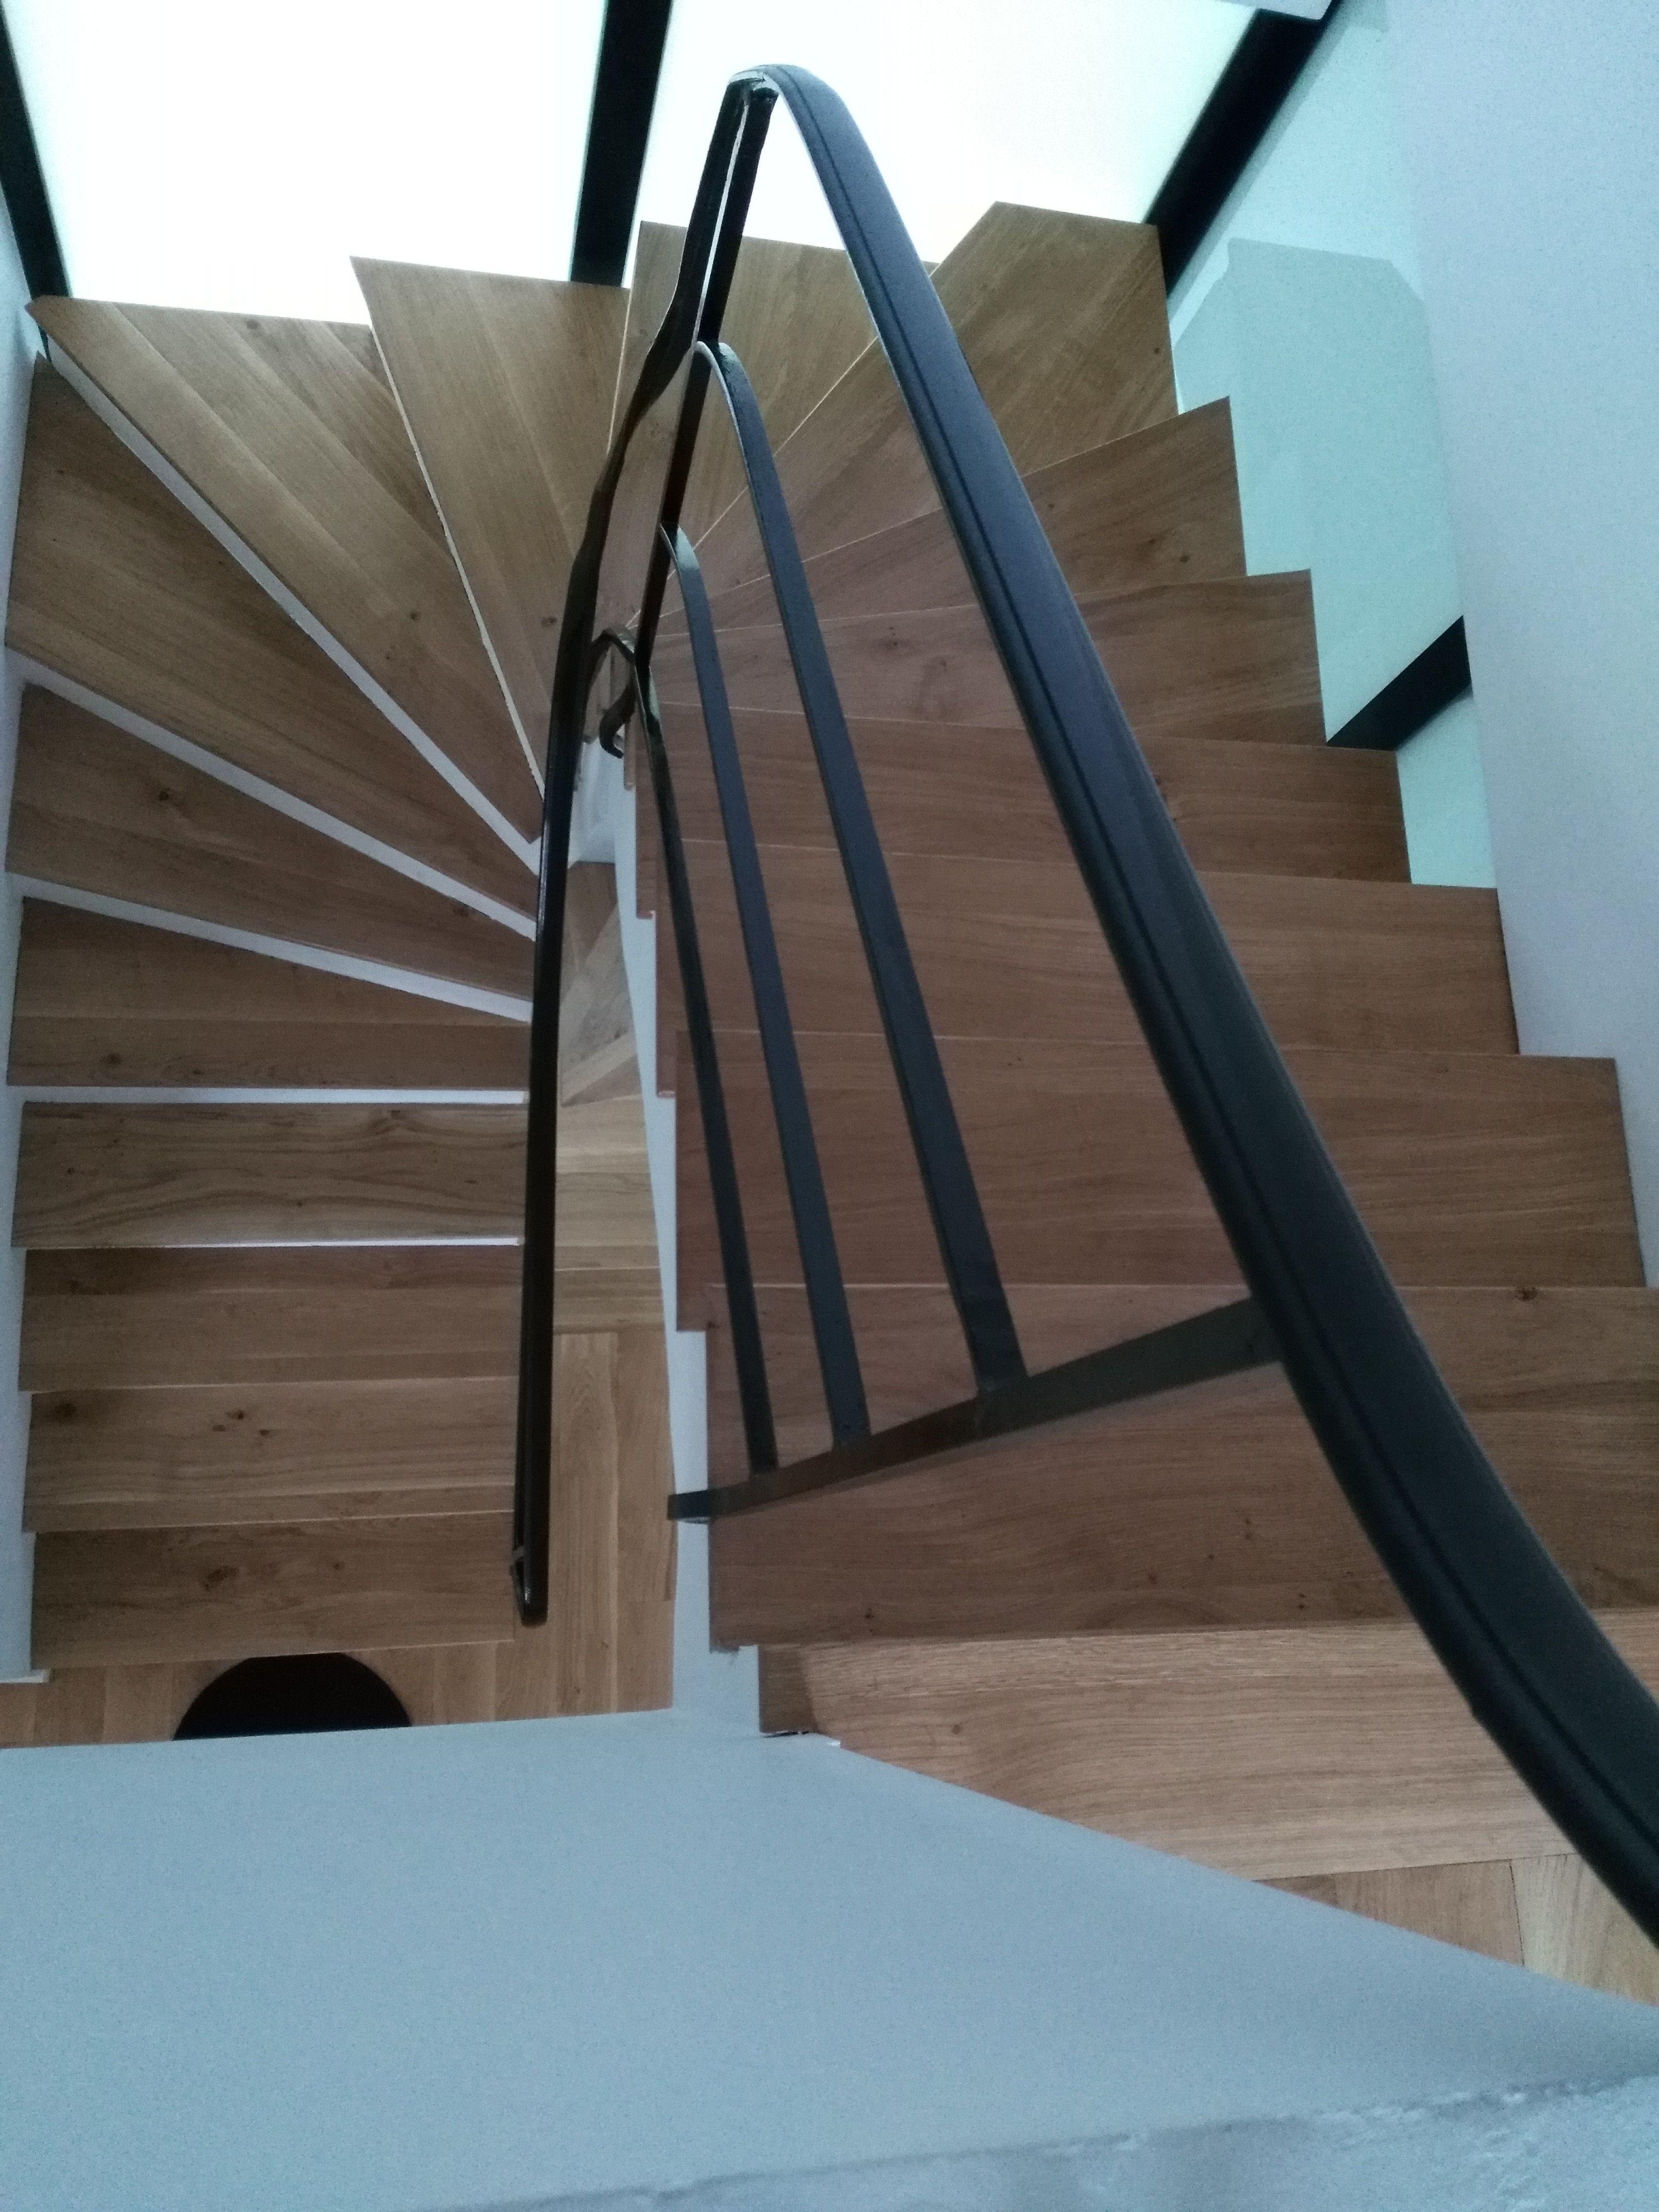 Escalier Bois Metal Fabrique Avec Nos Panneaux En Chene Massif Made In France A Retrouver Sur Parquet C Parquet Chene Massif Escalier Bois Metal Chene Massif